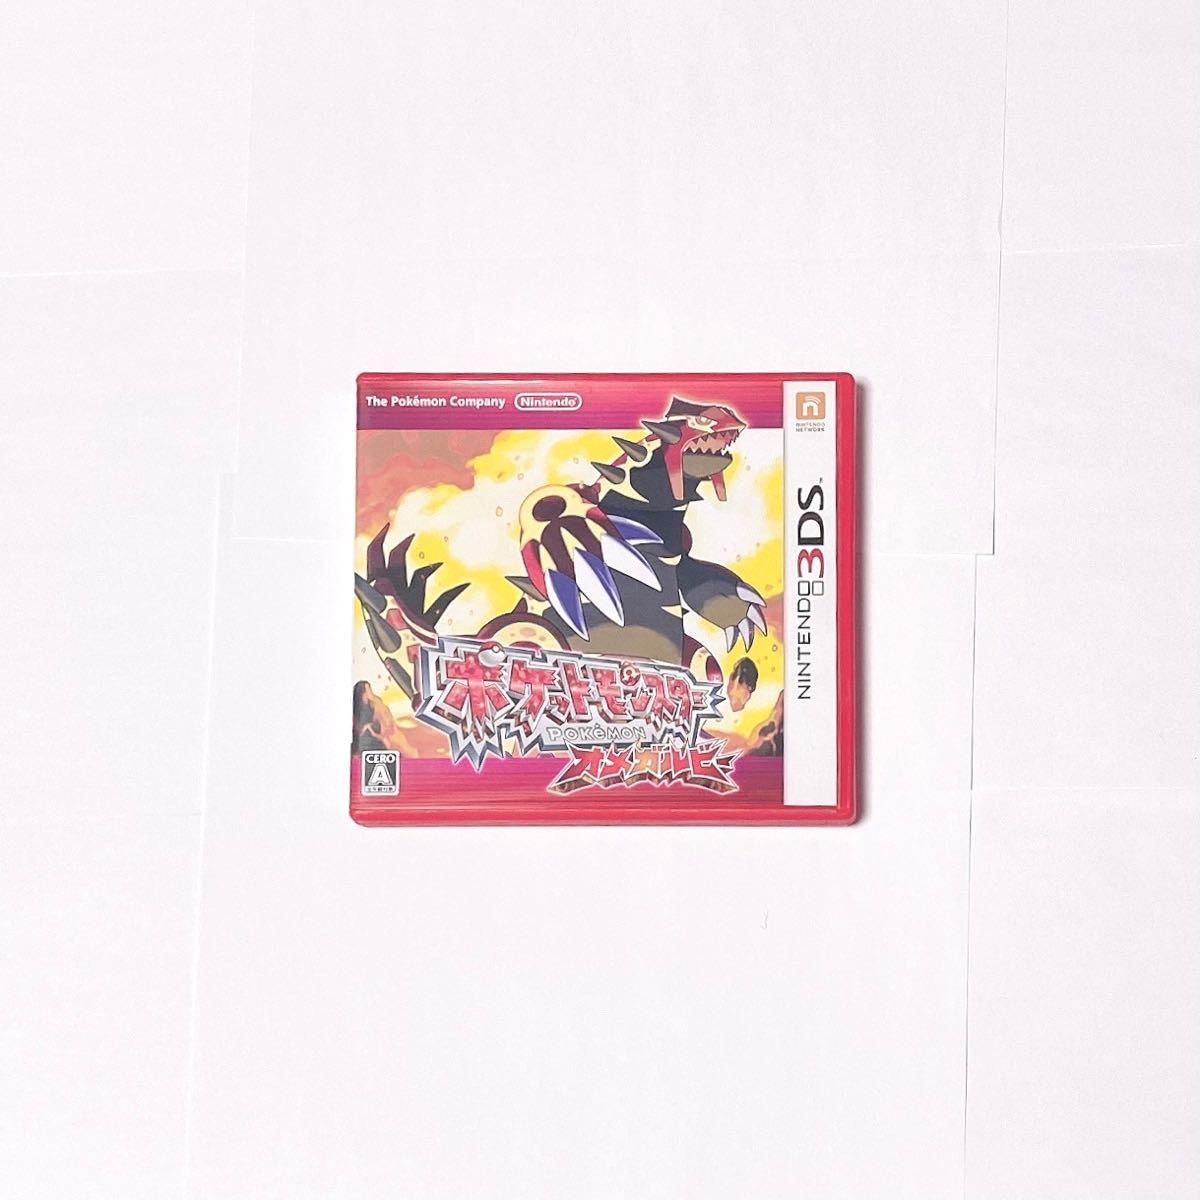 ポケットモンスター オメガルビー&アルファサファイア ニンテンドー3DSソフト